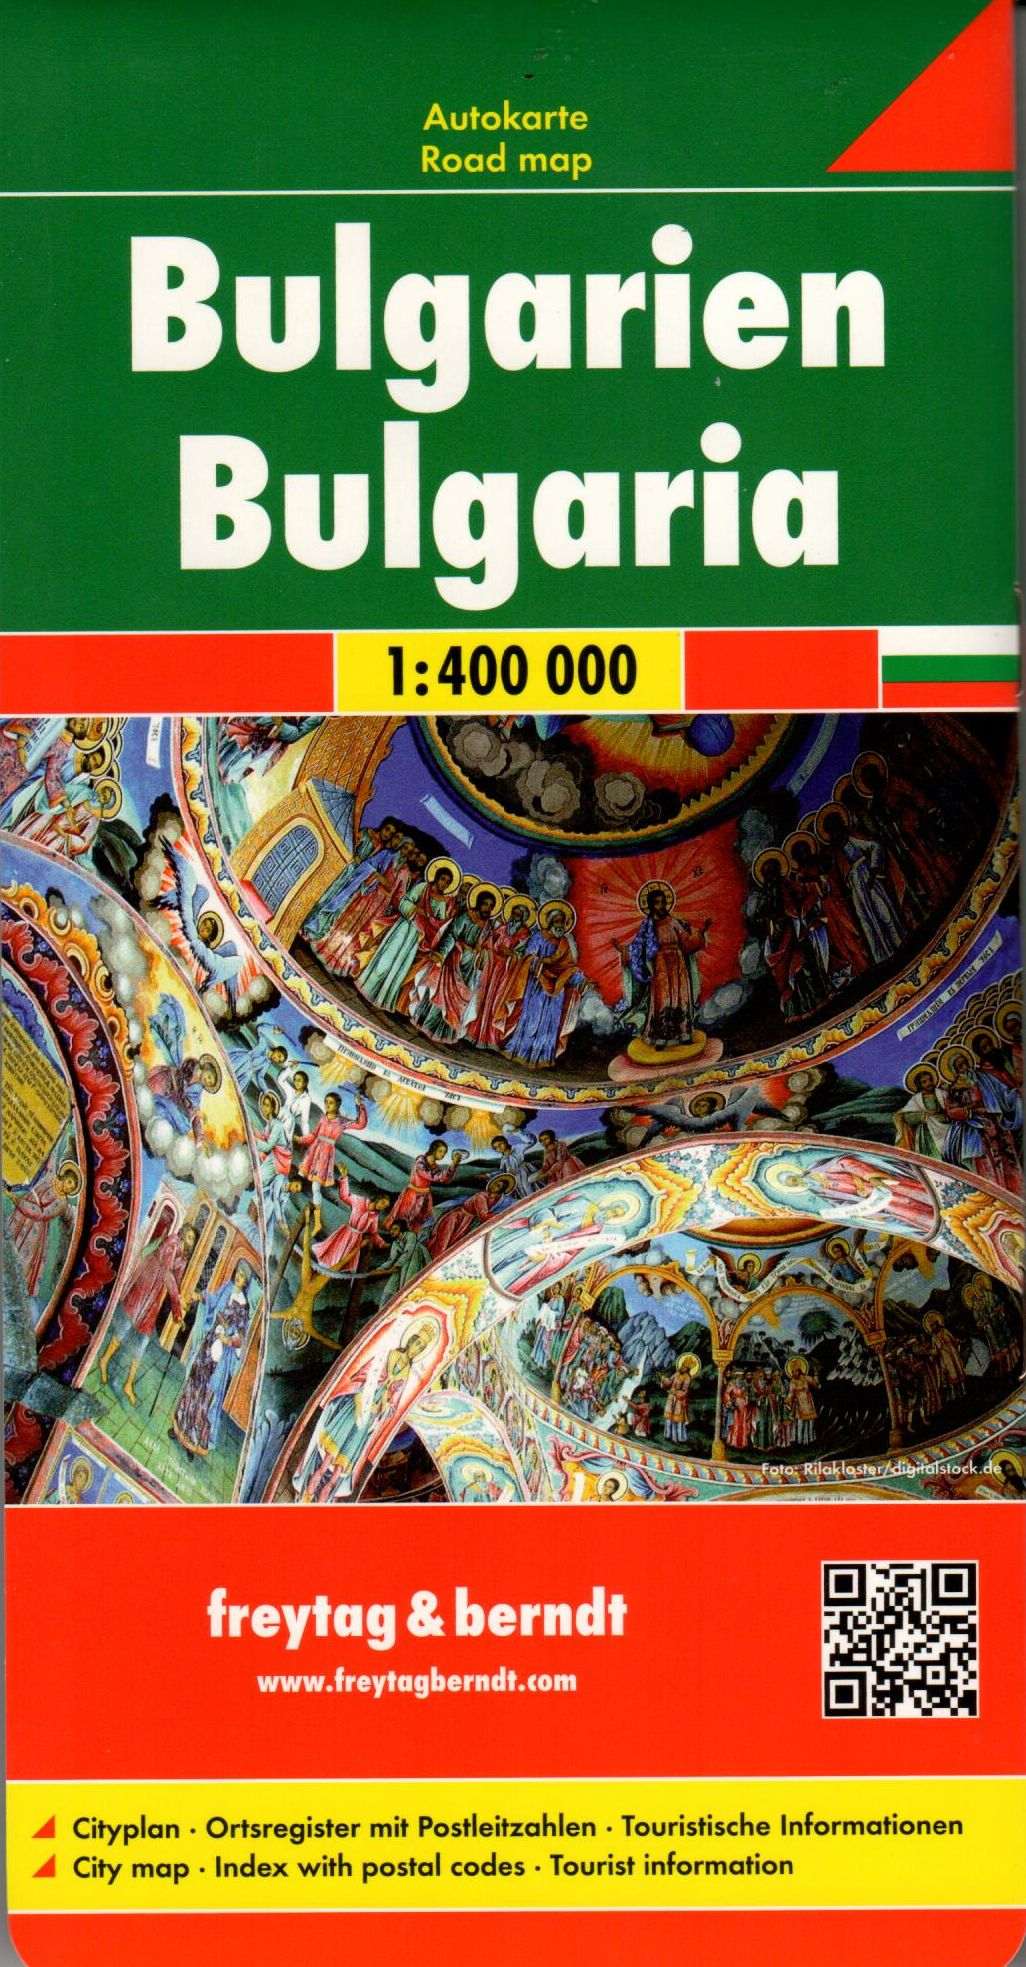 Bulgária autótérképe latin és cirill betűs névrajzzal, 10 nyelvű jelmagyarázattal